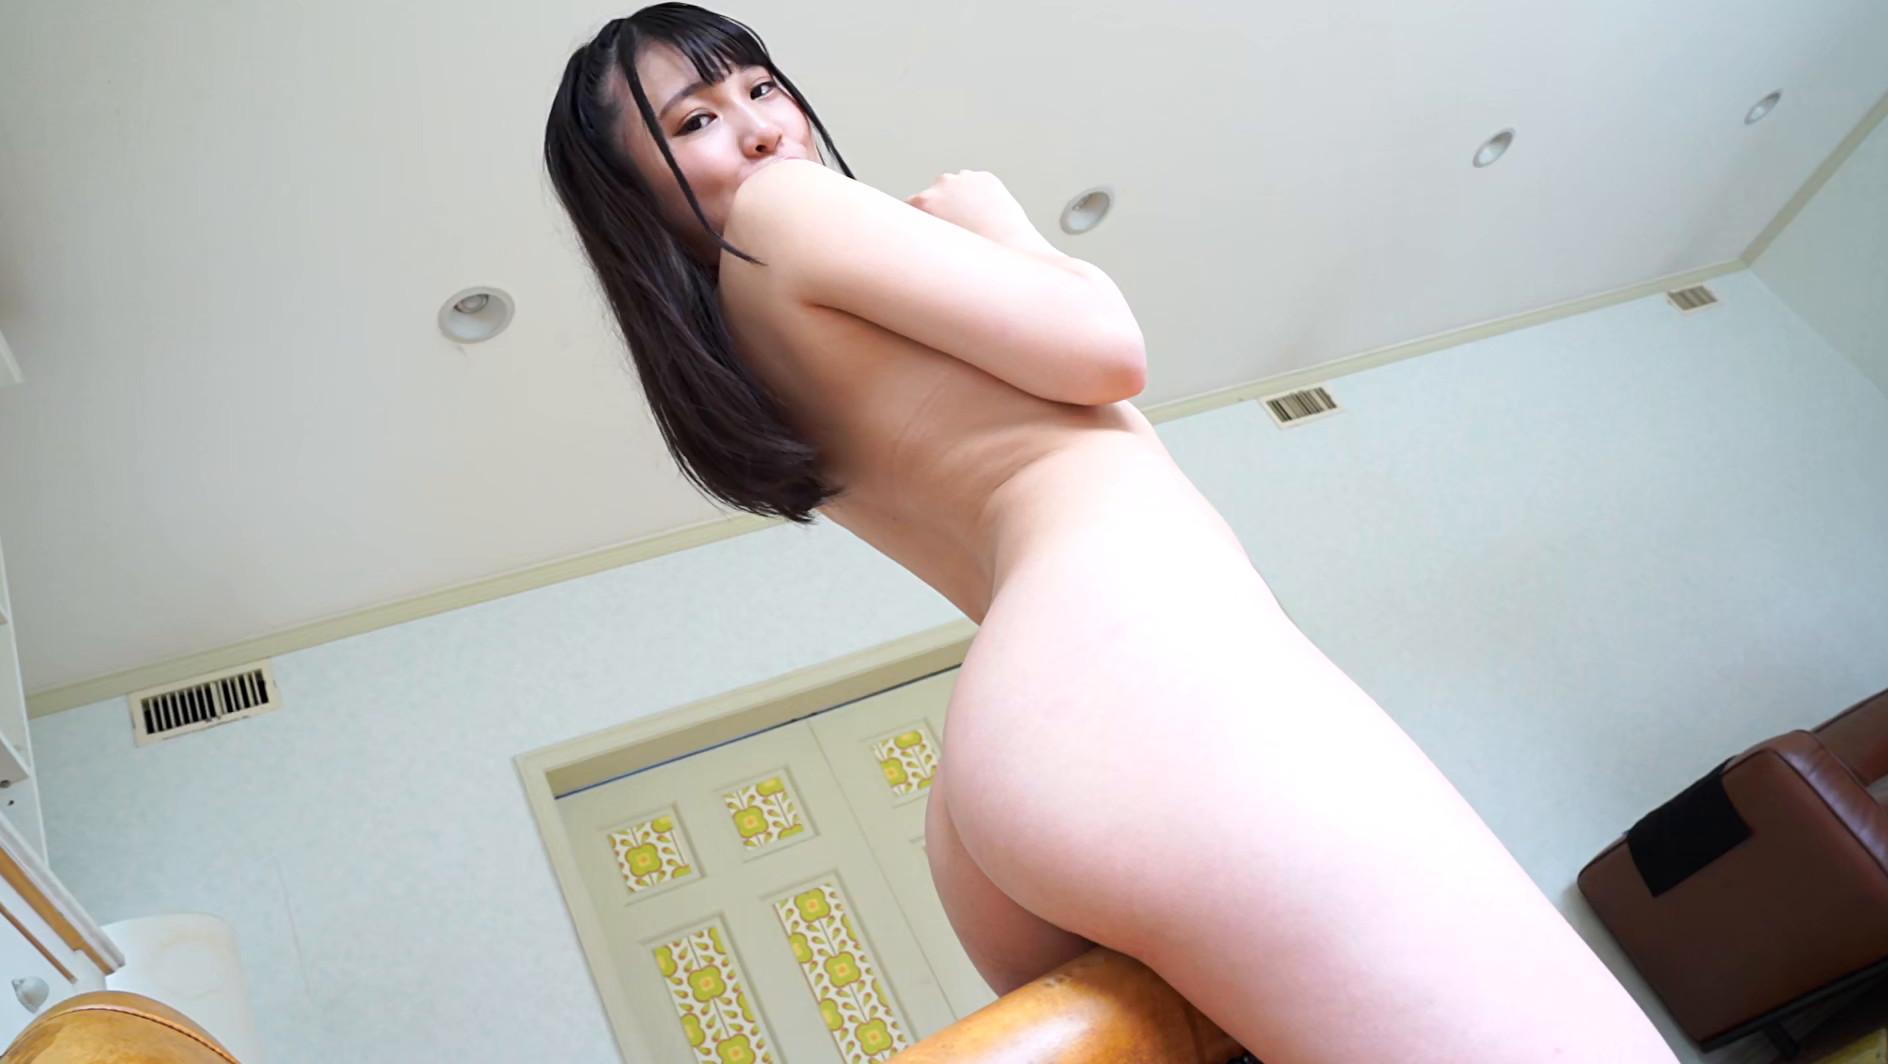 恋はハプニング!? 石田ふみ 画像7